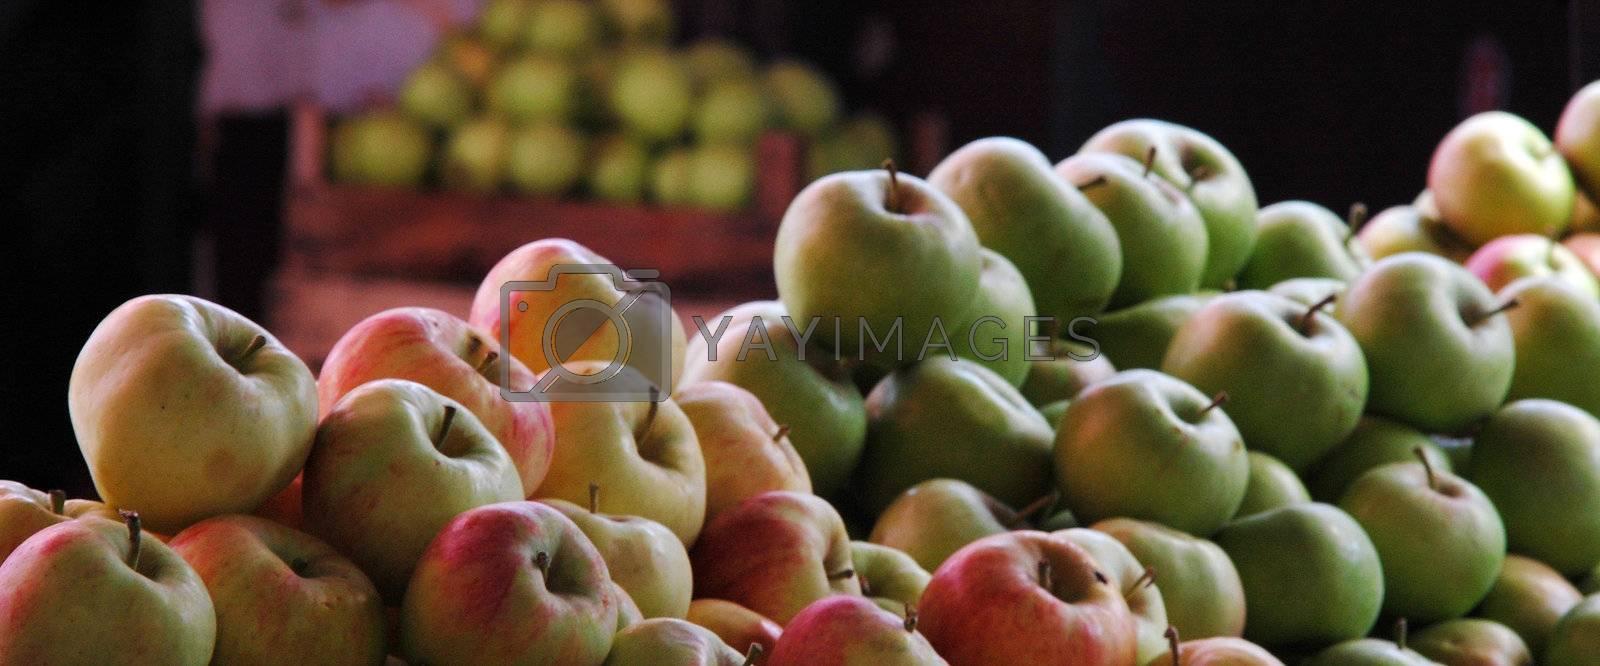 apples in market